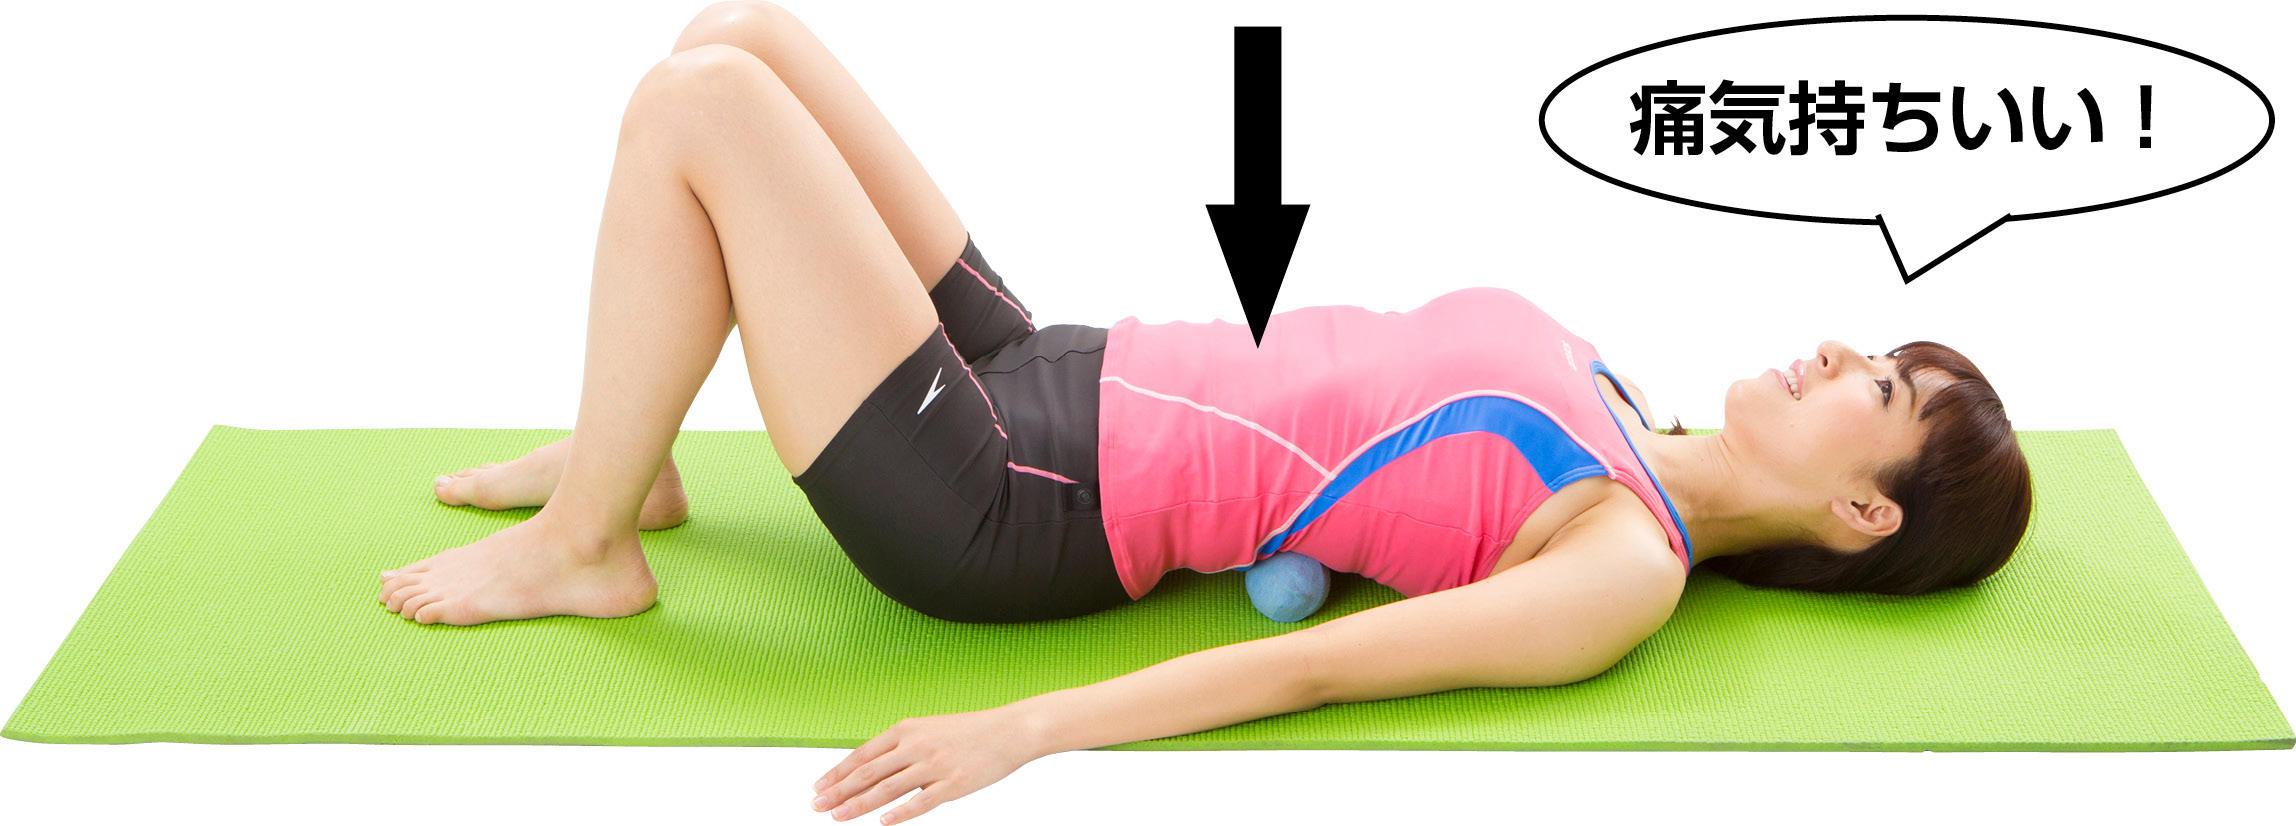 【トリガーポイント療法】腰・背中・お尻のコリを自分で治す「テニスボールほぐし」